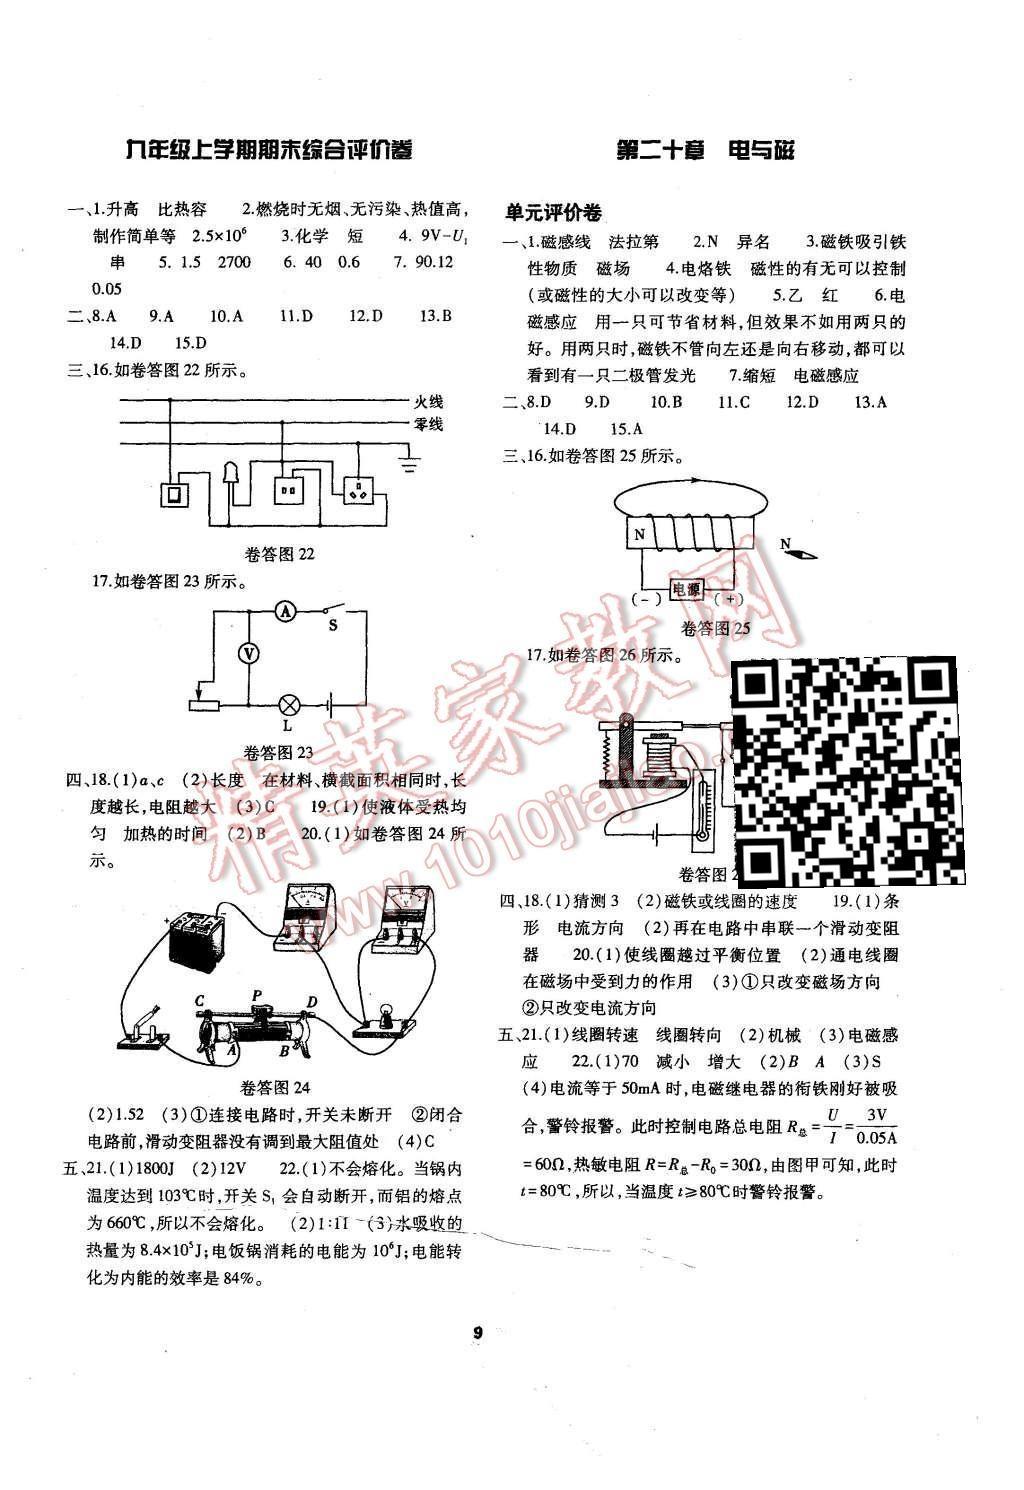 2015年基础训练九年级物理全一册人教版河南省内使用单元评价卷参考答案第9页